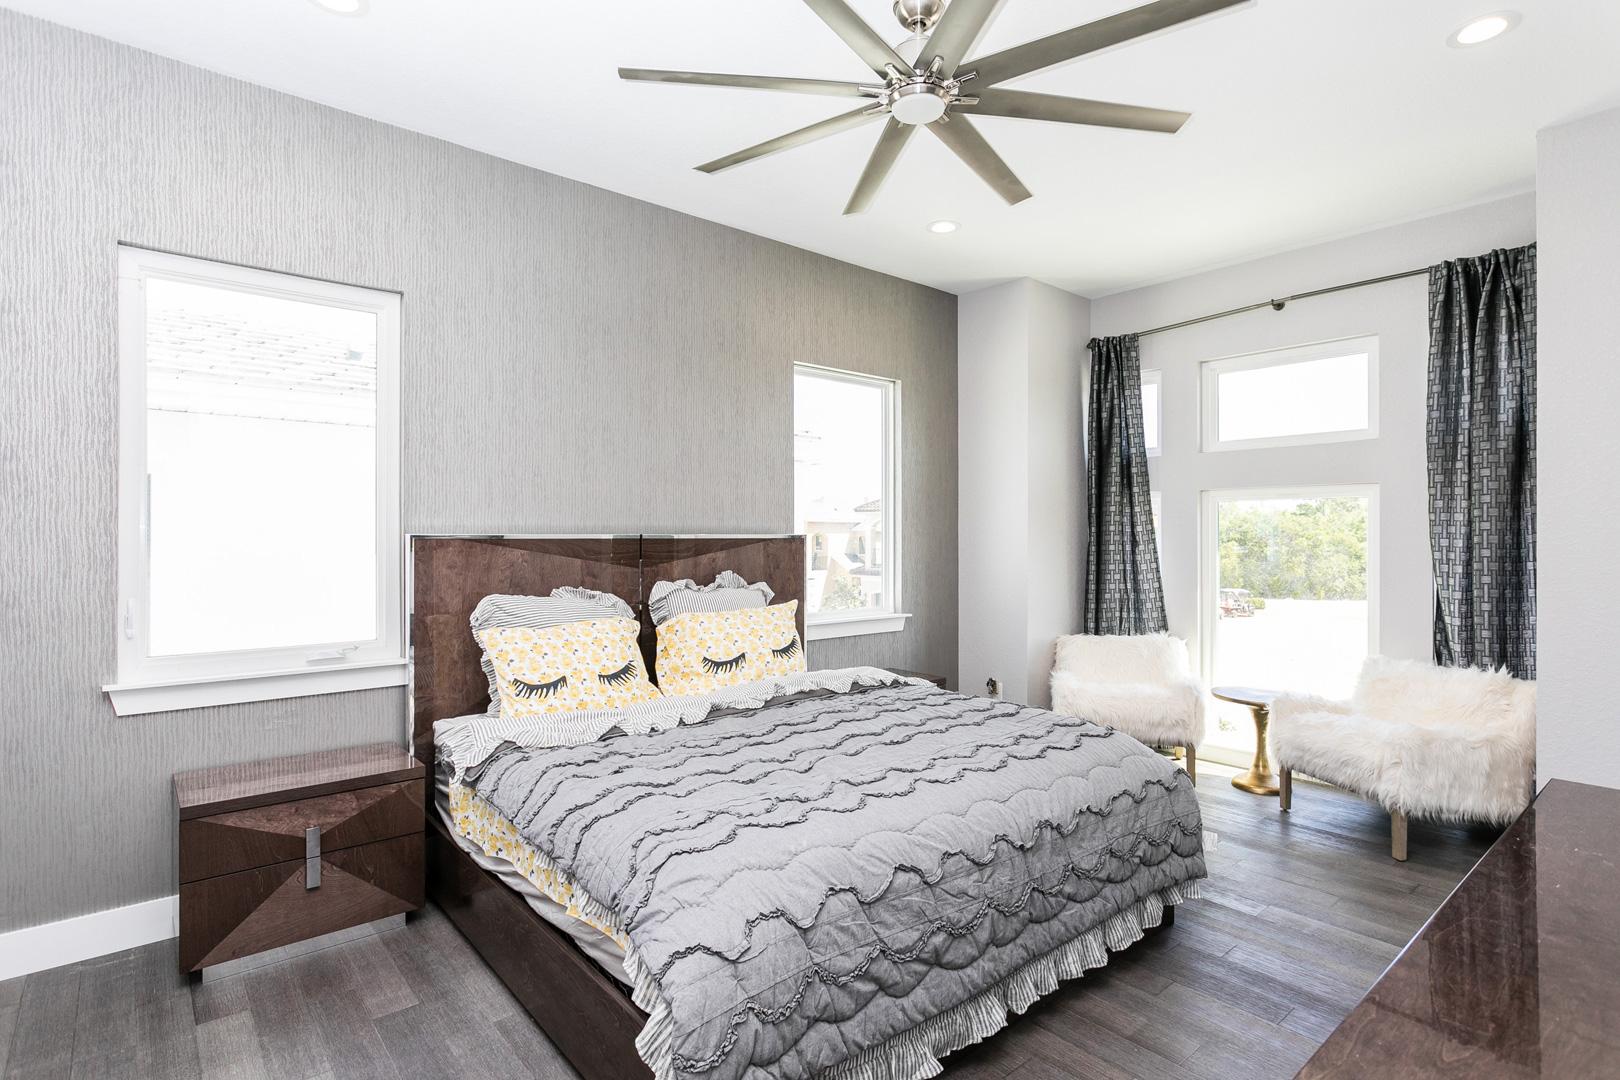 Bedrooms8